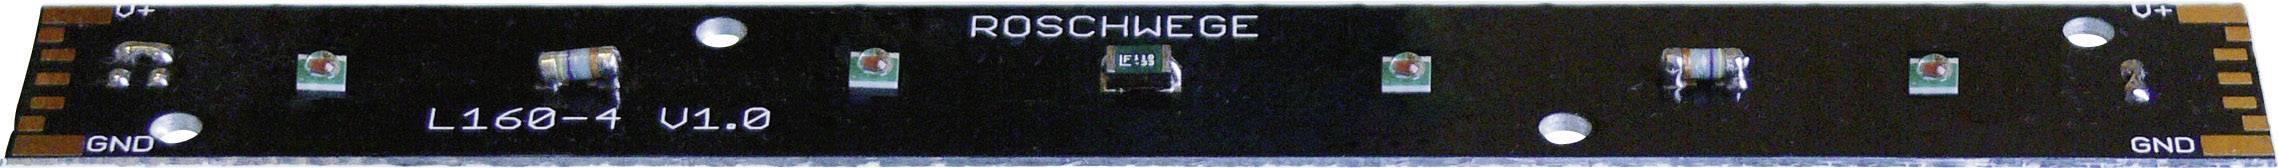 HighPower LED-lišta Roschwege 376 lm, teplá biela